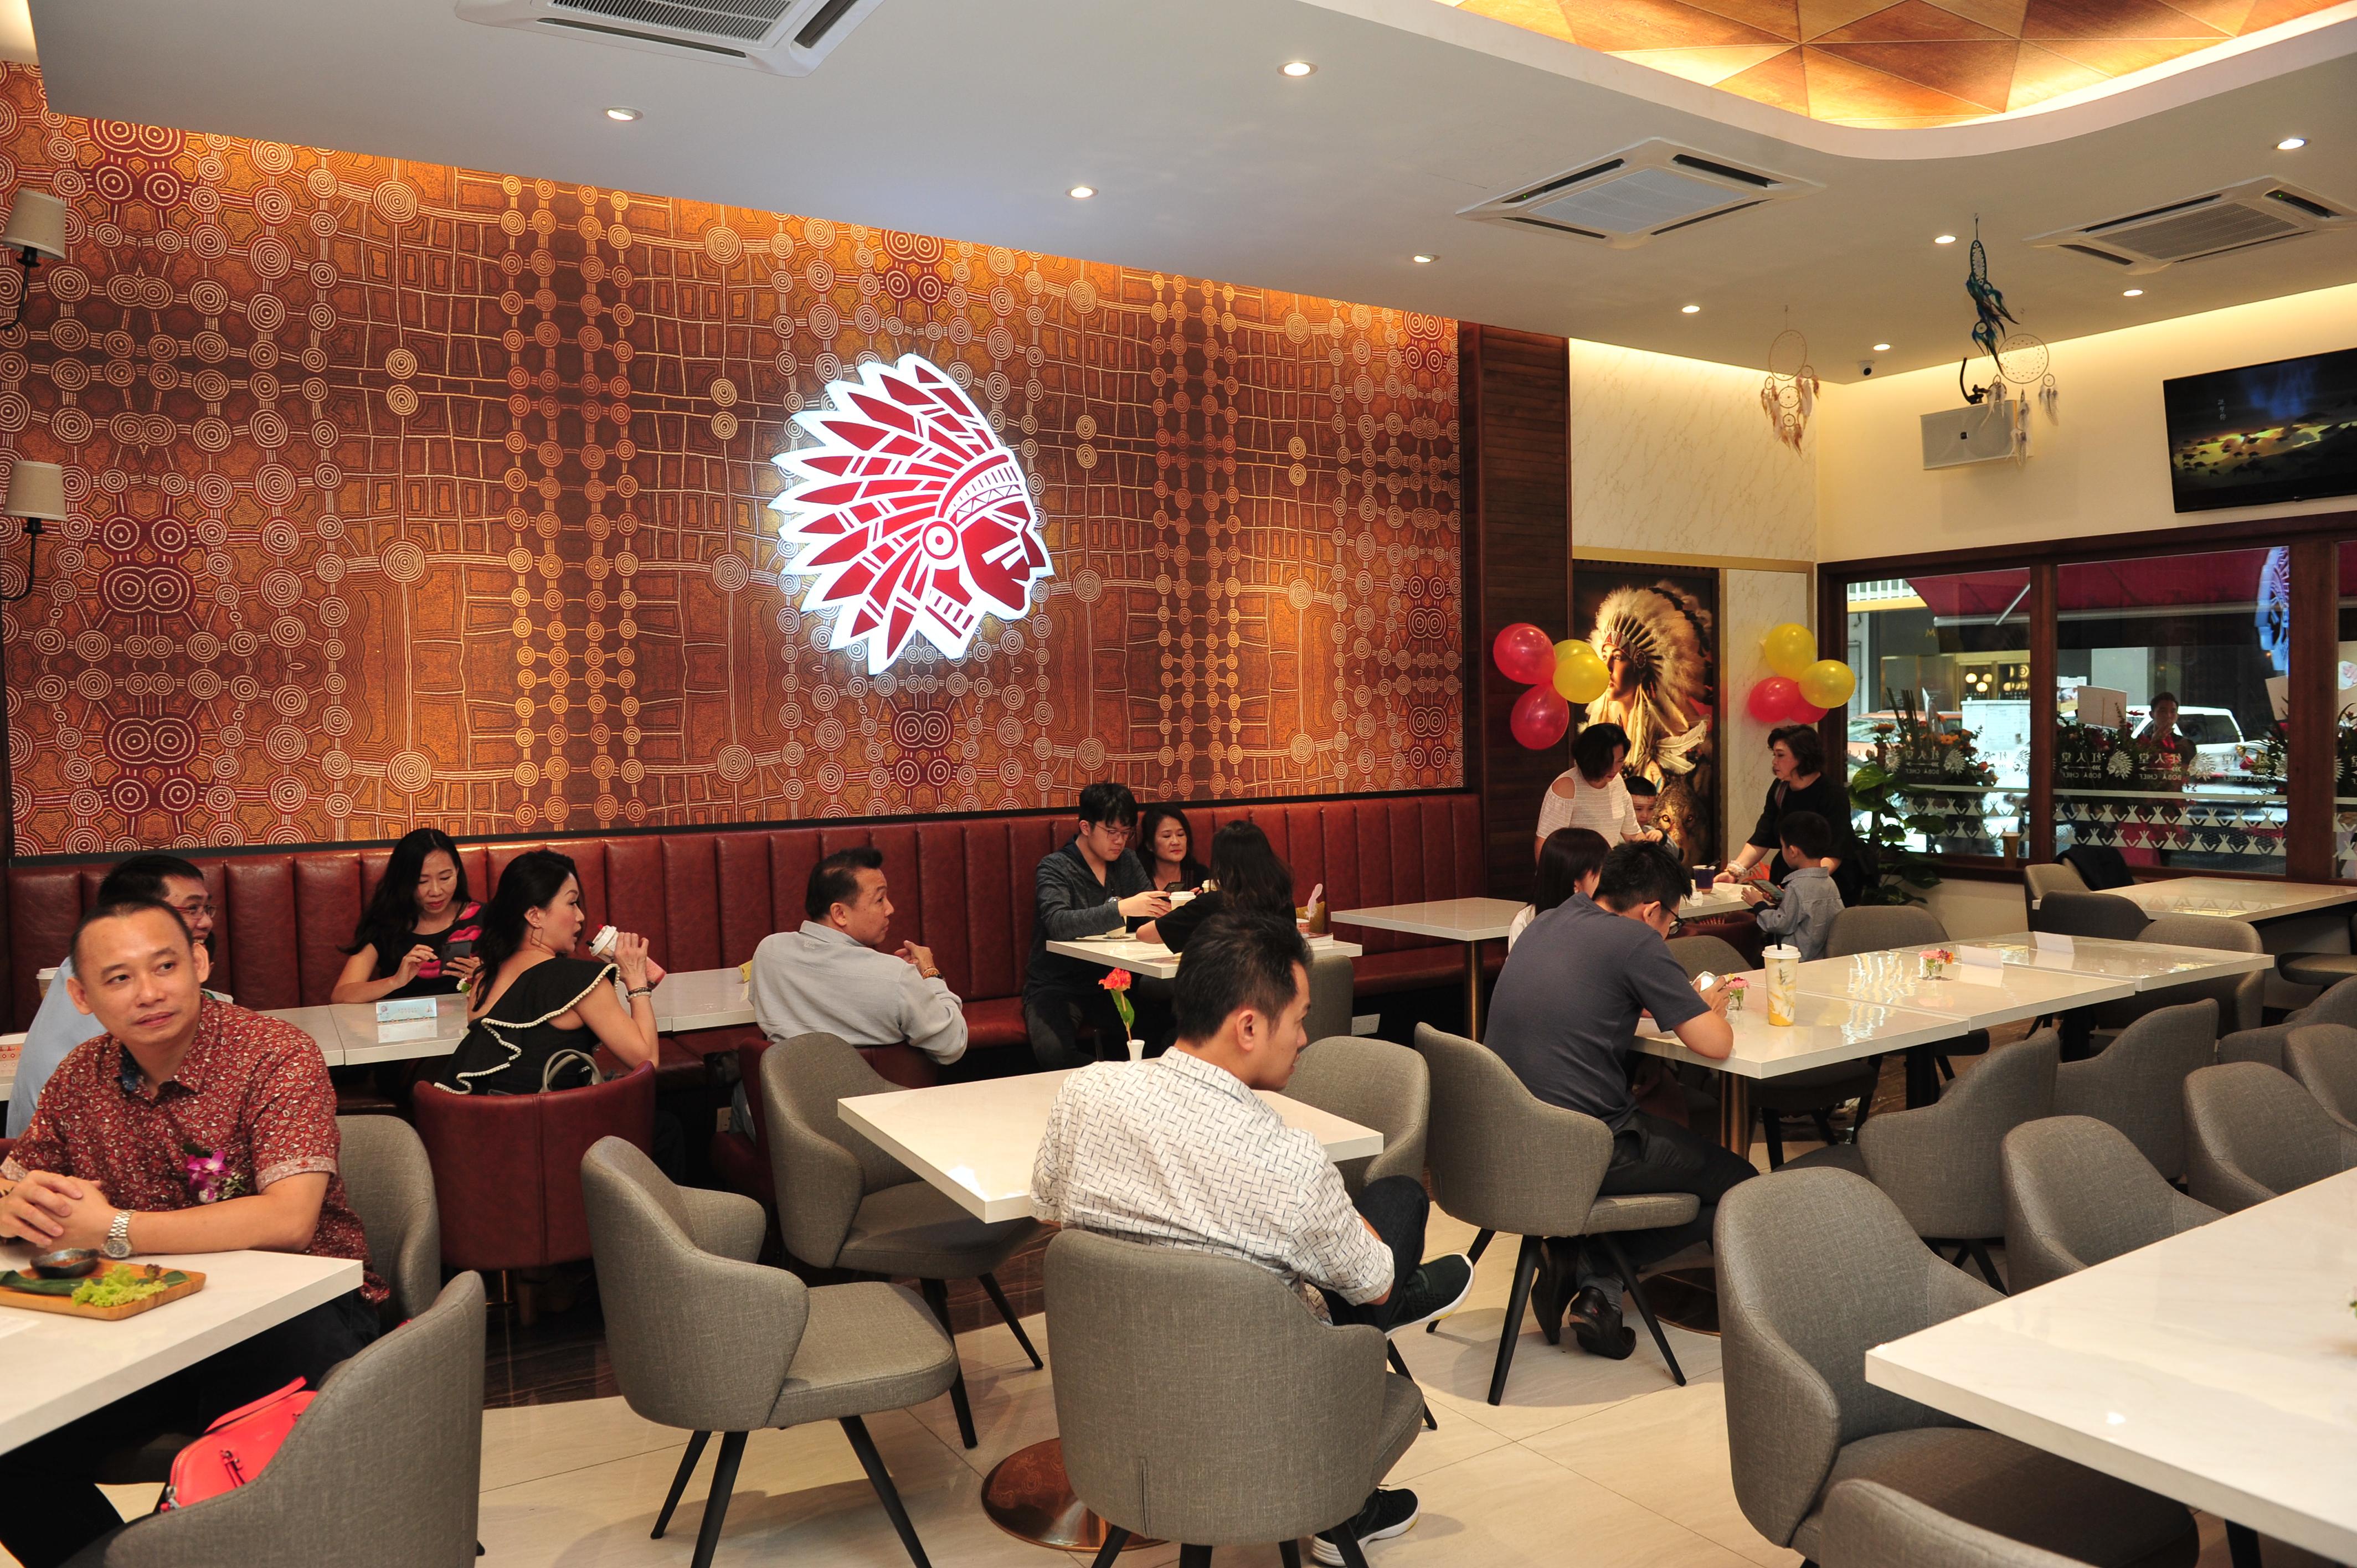 店内设计宽敞,环境舒适,适合与好友聊天聚会,也能和家人一起来度过悠闲周末。